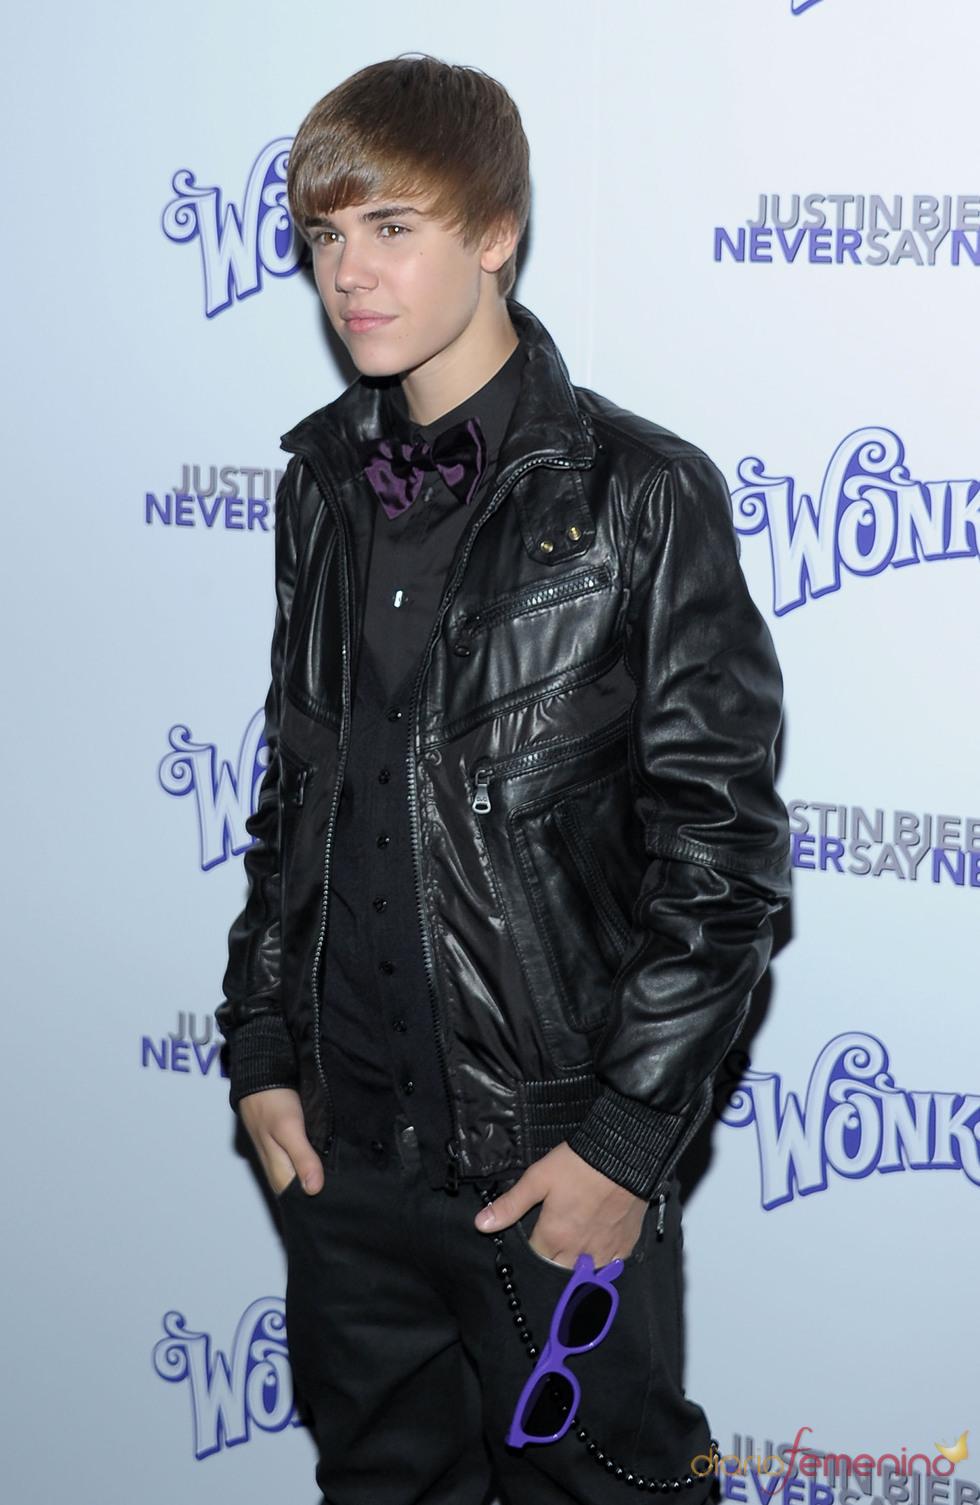 Justin Bieber presenta en Nueva York 'Never say never'